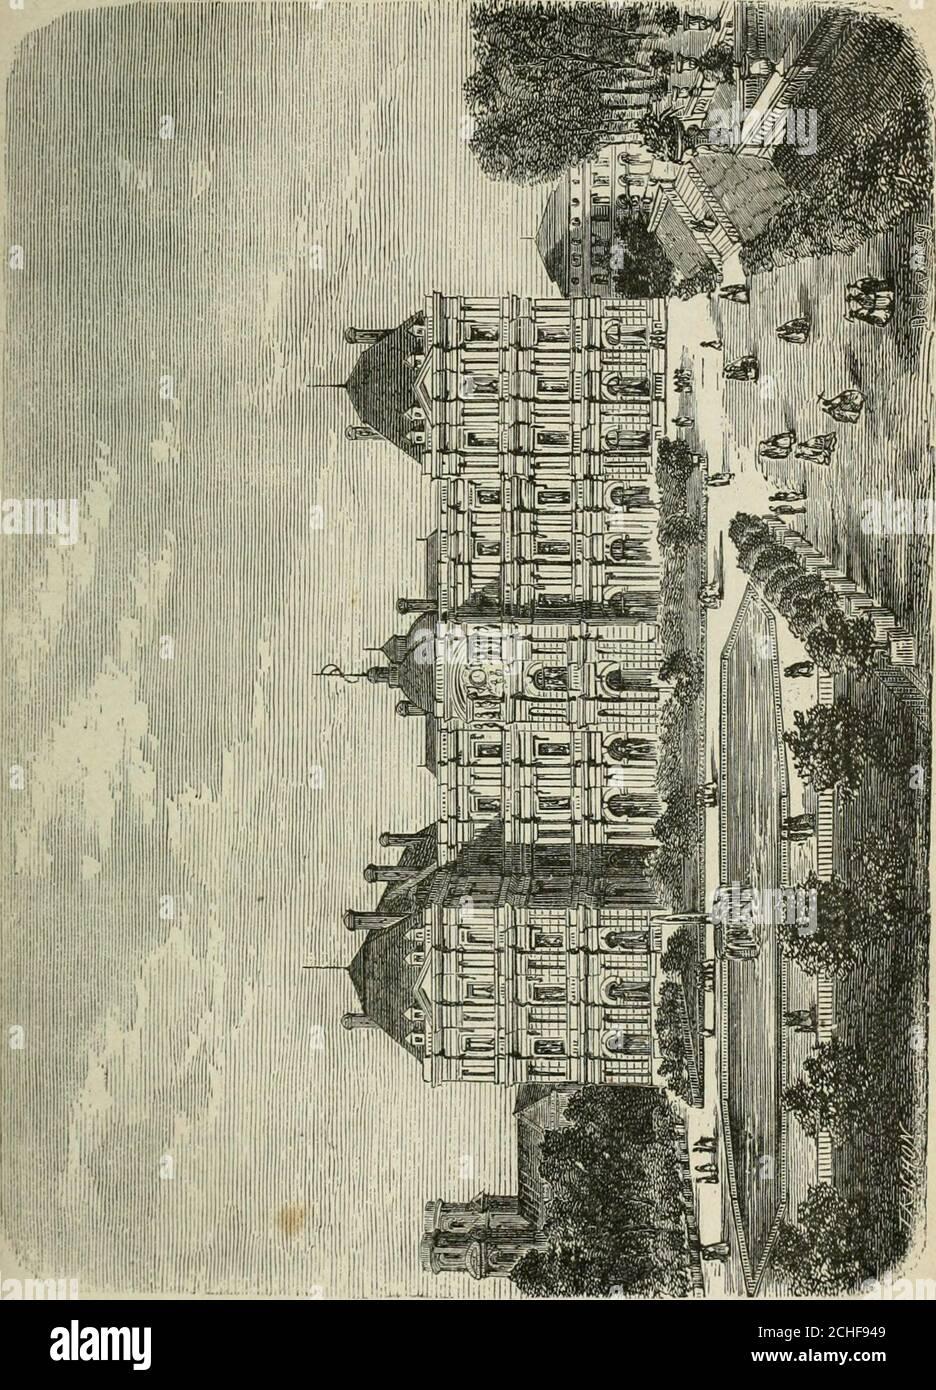 . Les merveilles du nouveau Paris-- . el desTuileries, et appartenant à Nicolas de Yilleroy, son secré-taire des Finances. Mais ce fut Catherine de Médicis qui, après avoir été mis en avant aux Tournelles, chargea Philibert Delorme et JeanBulant de lui bâtir un palais sur le terrain des tui=le rie s. Ce doit ensuite être le même de tous les roi de réunir les deuxpalais du Louvre et des Tuileries, au moyen de galeries pa-rallèdes et de les completer lun par lautre. Cousy mirent lamain sur des plans différents, et avec tant de lenteur, quirny eu ni de rigueur, ni symbolique. « Sire, disait Dufresny àLo Banque D'Images